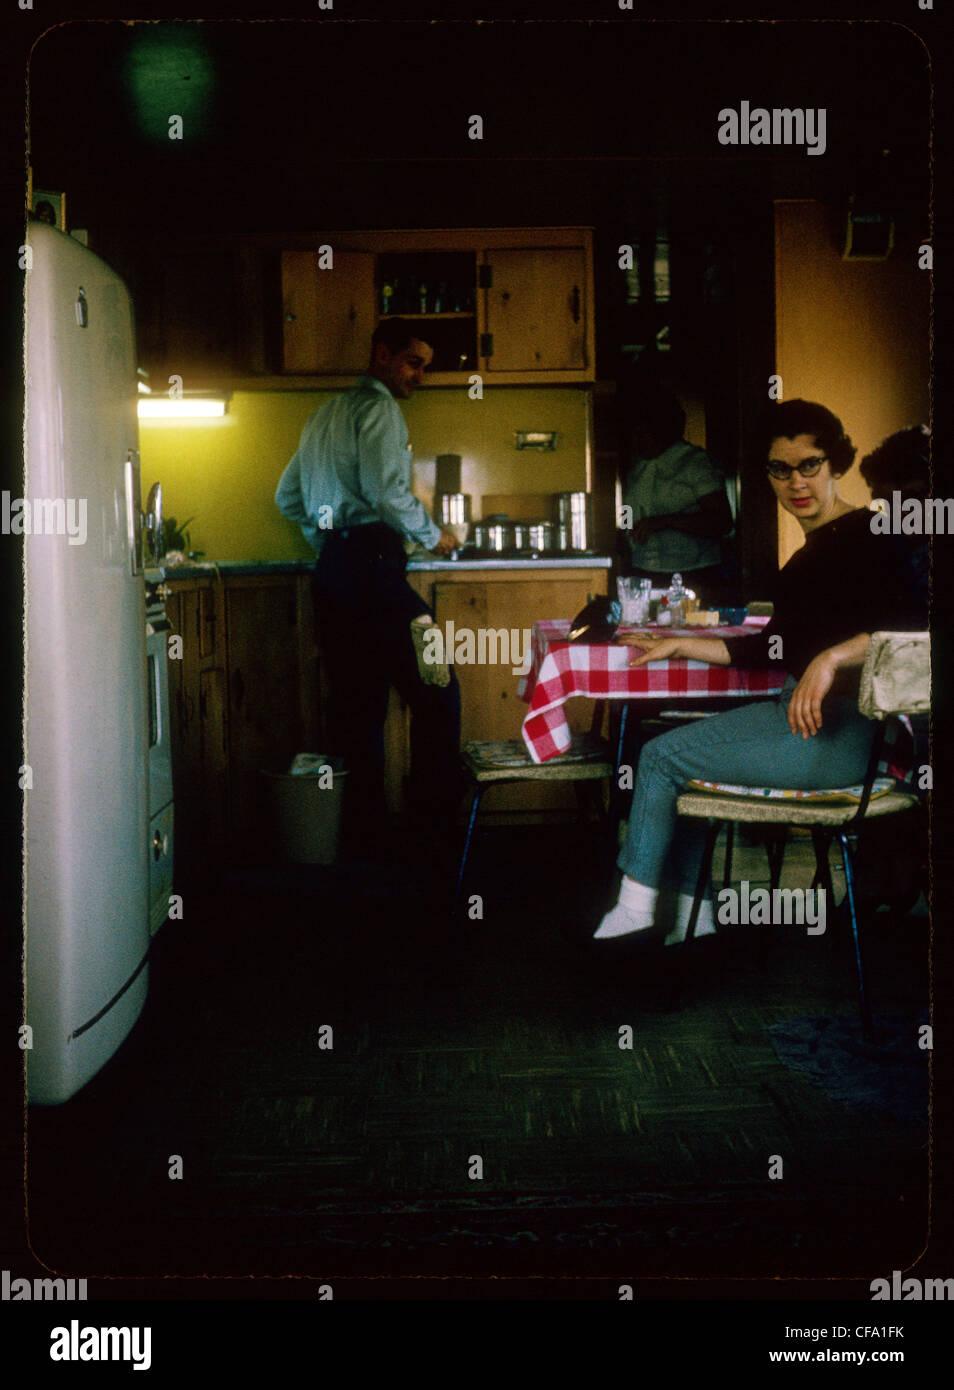 Mujer sentada hombre de pie en la cocina durante la década de 1960 Imagen De Stock